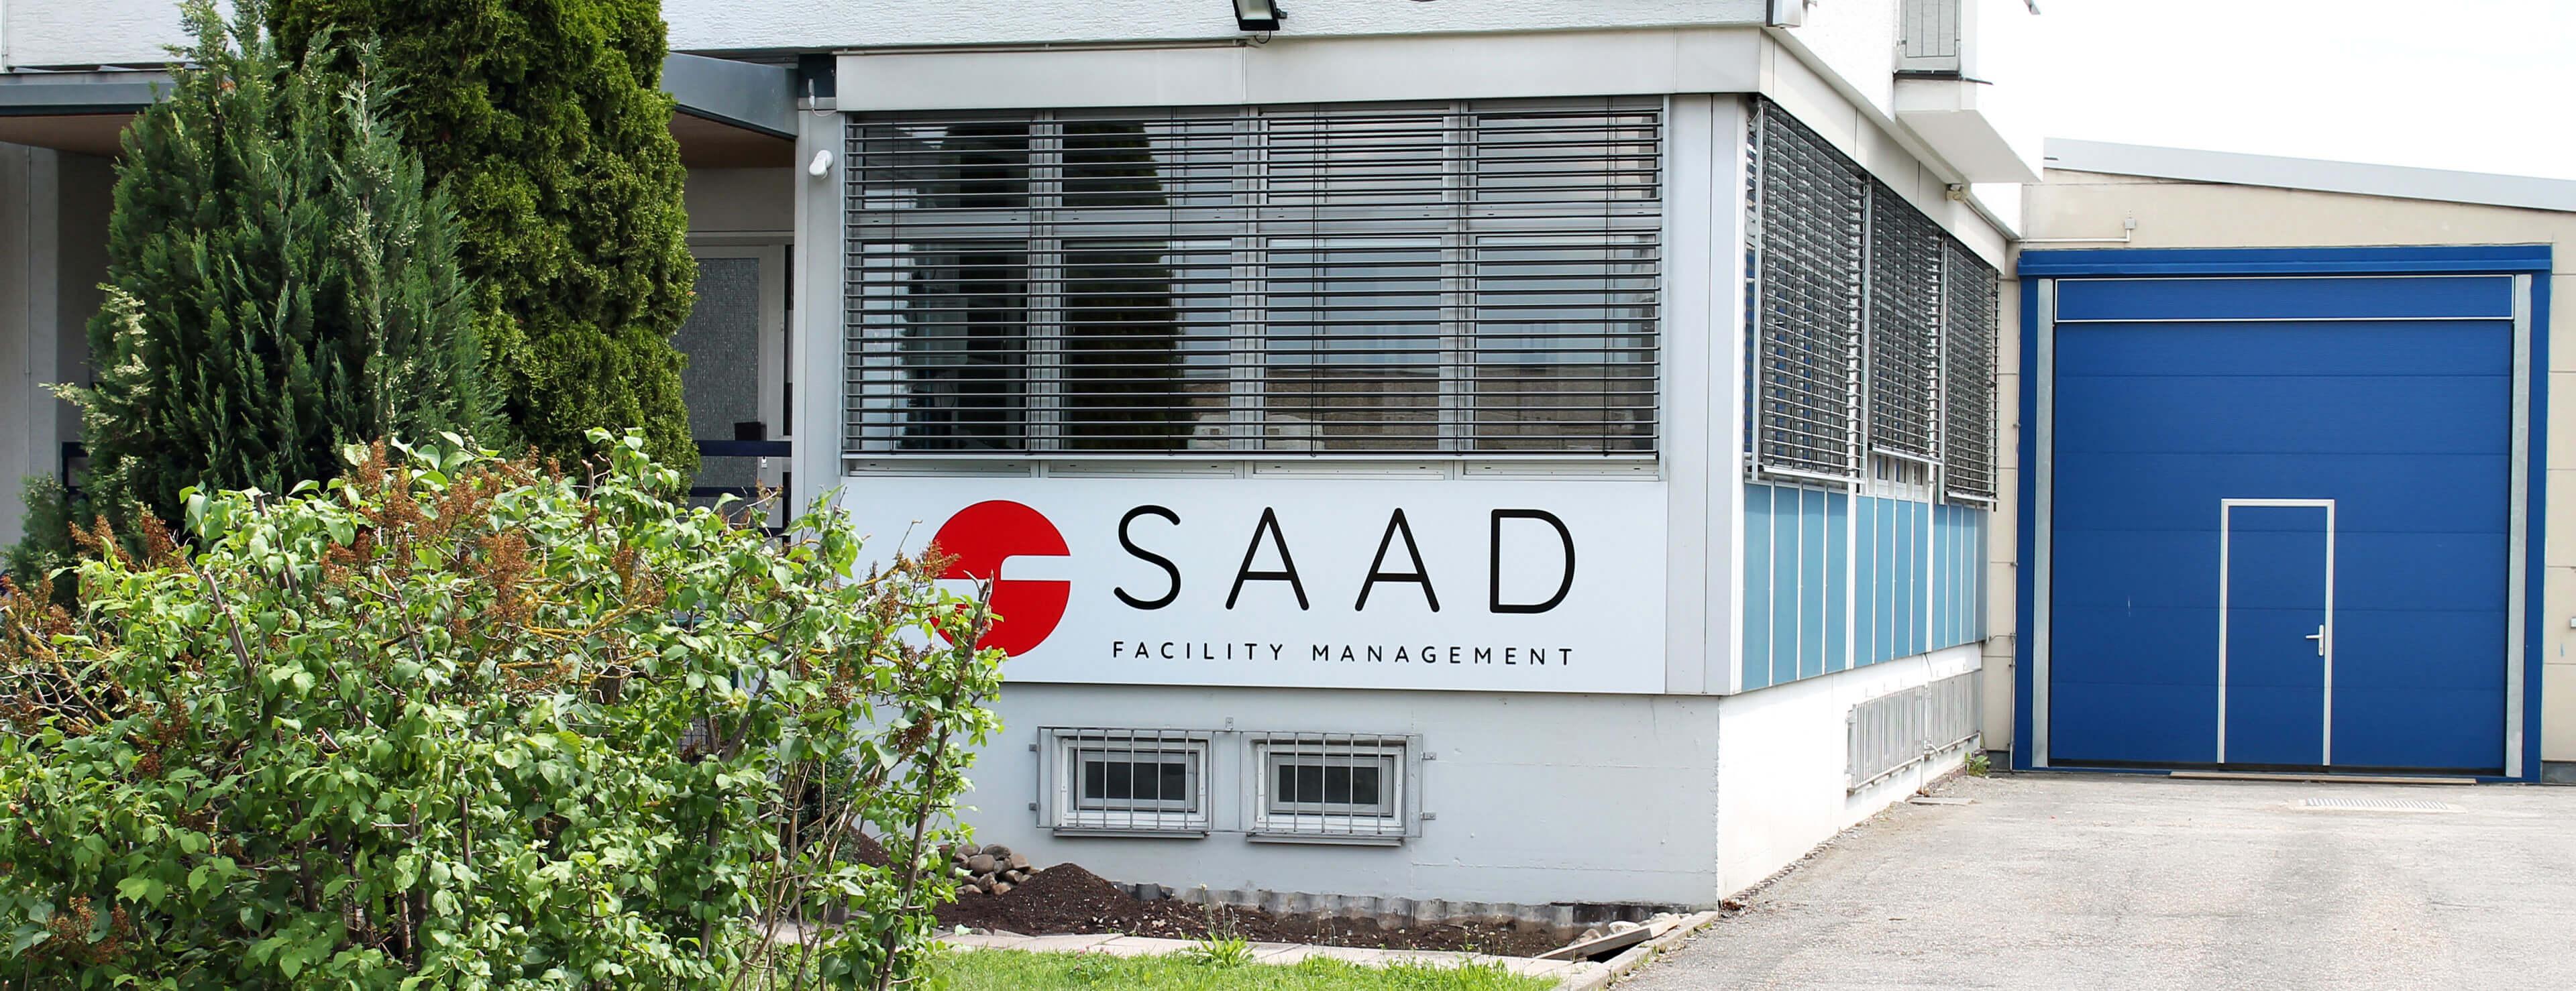 Ein Bild vom Eingangsbereich des Gebäudes der SAAD Facility Management GmbH.